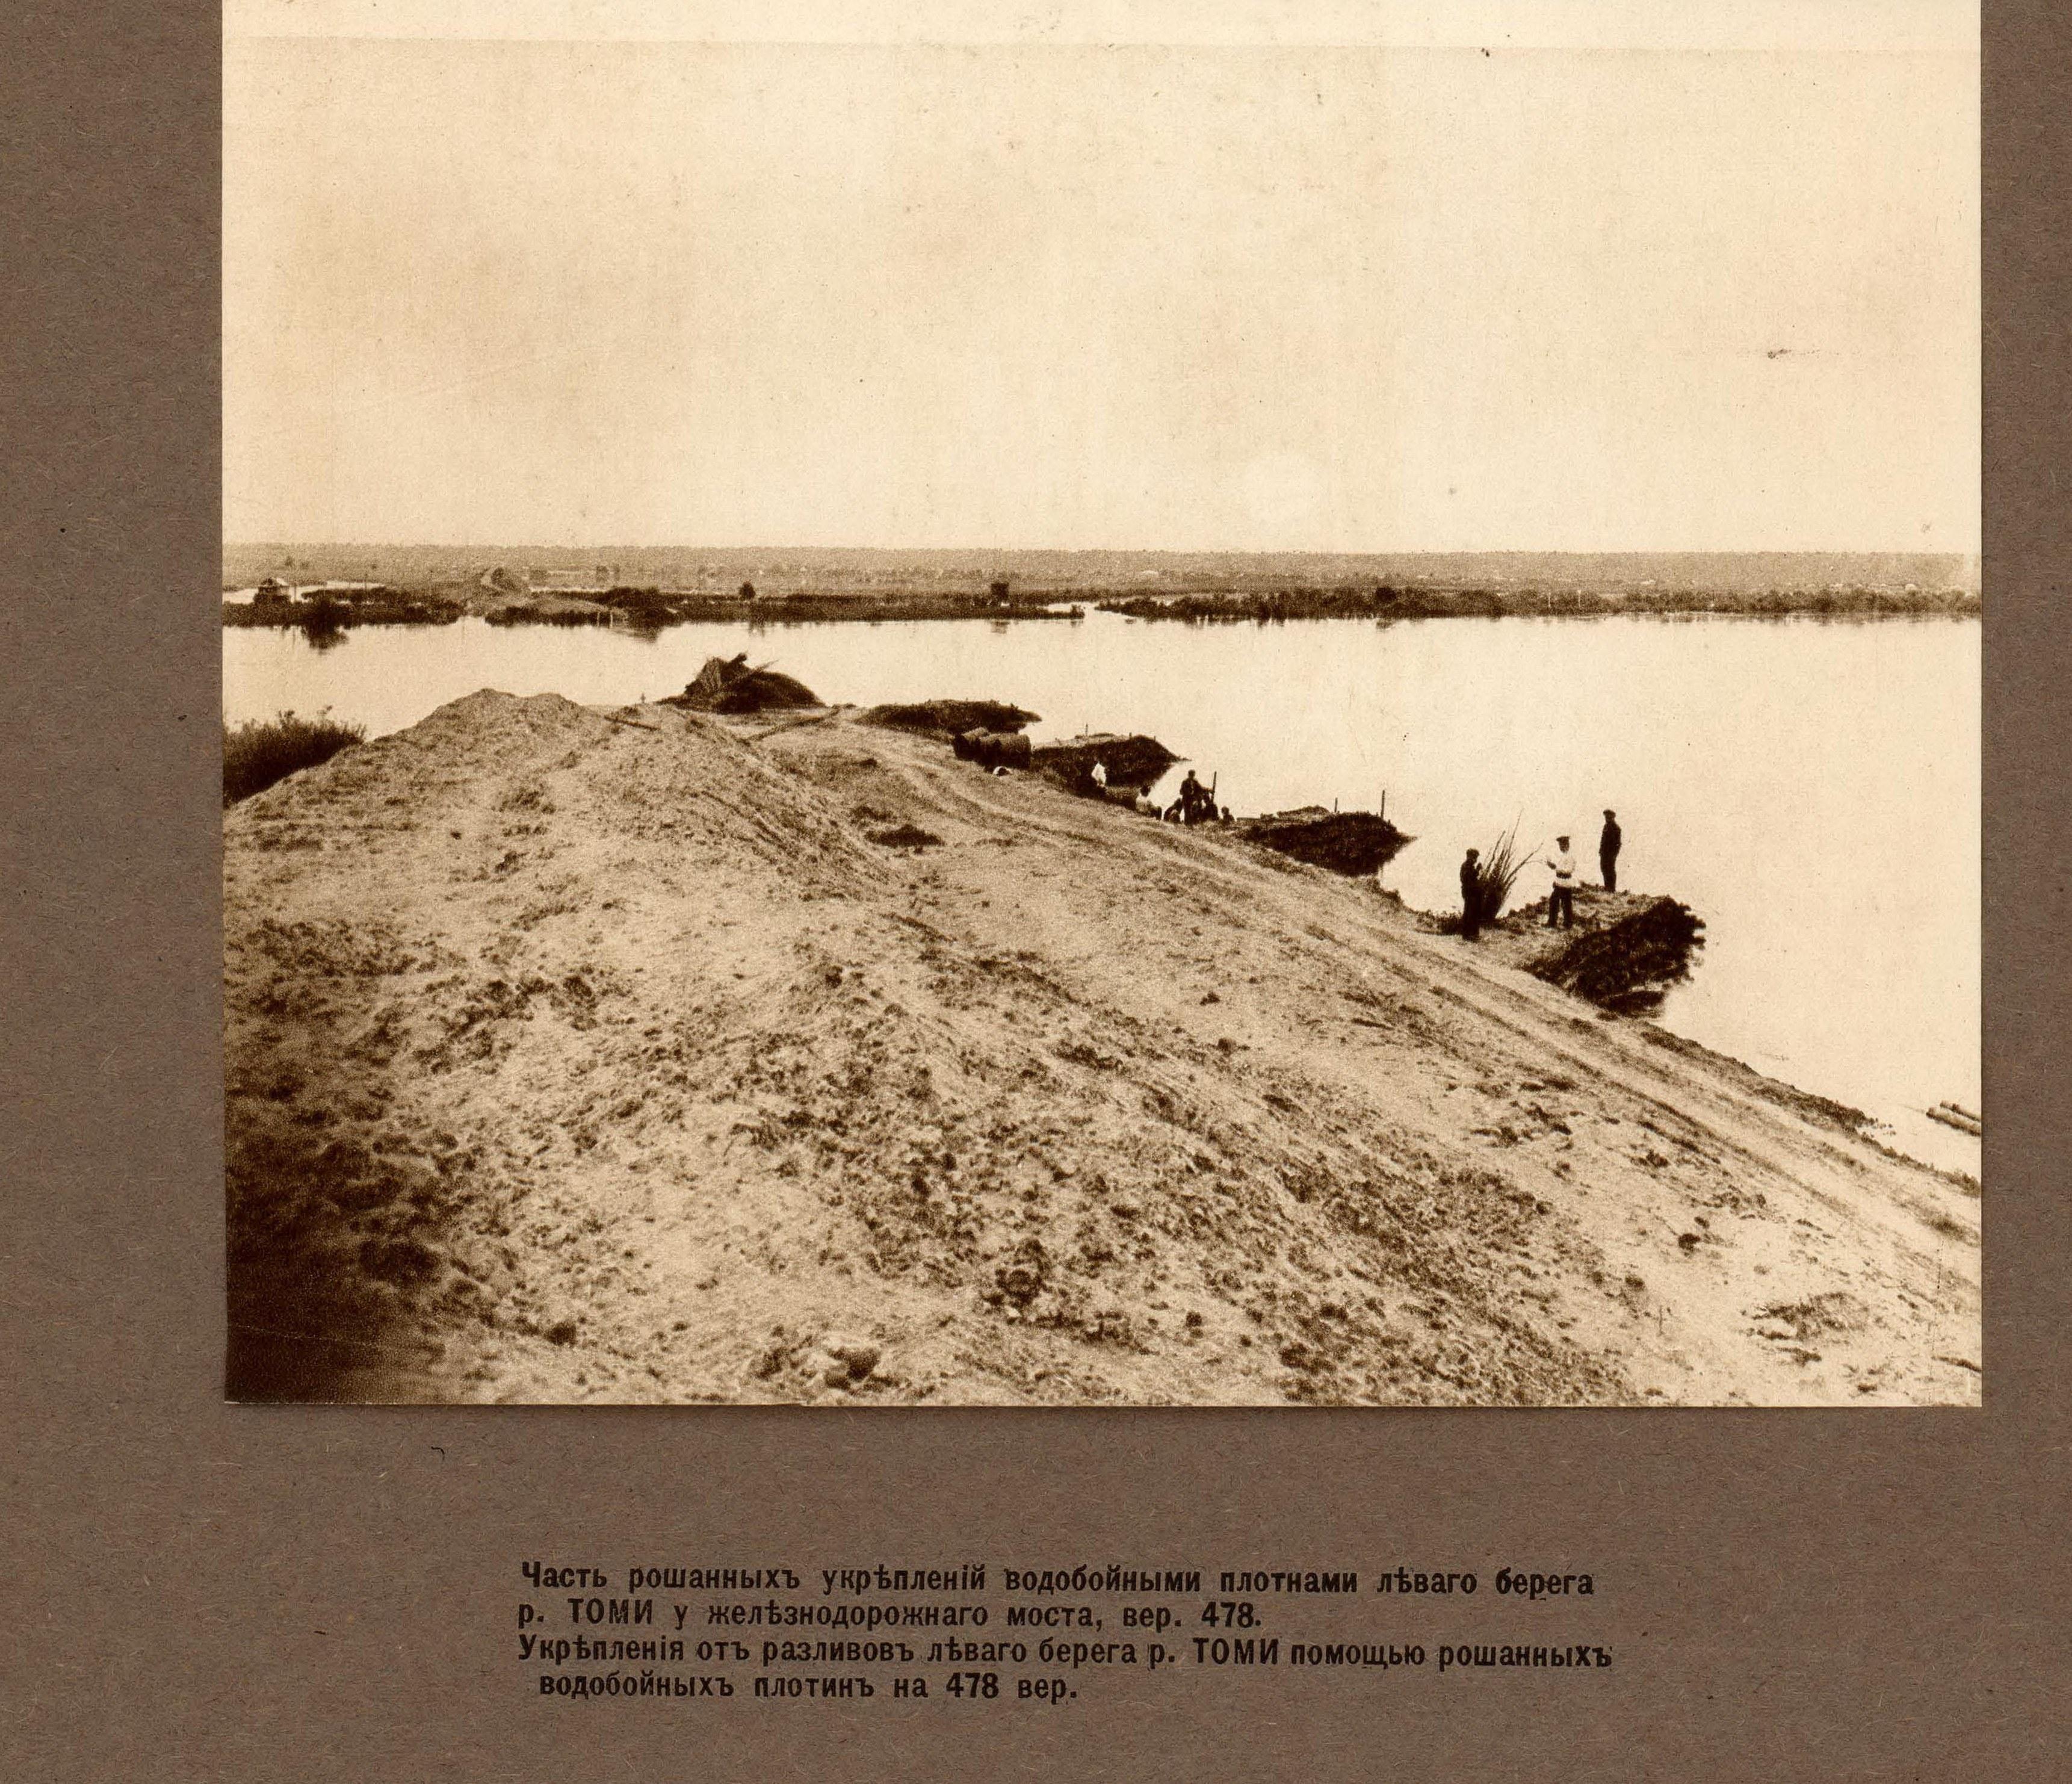 04. Река Томь, верста 478.  Укрепление от разливов левого берега с помощью рошанных водобойных плотин